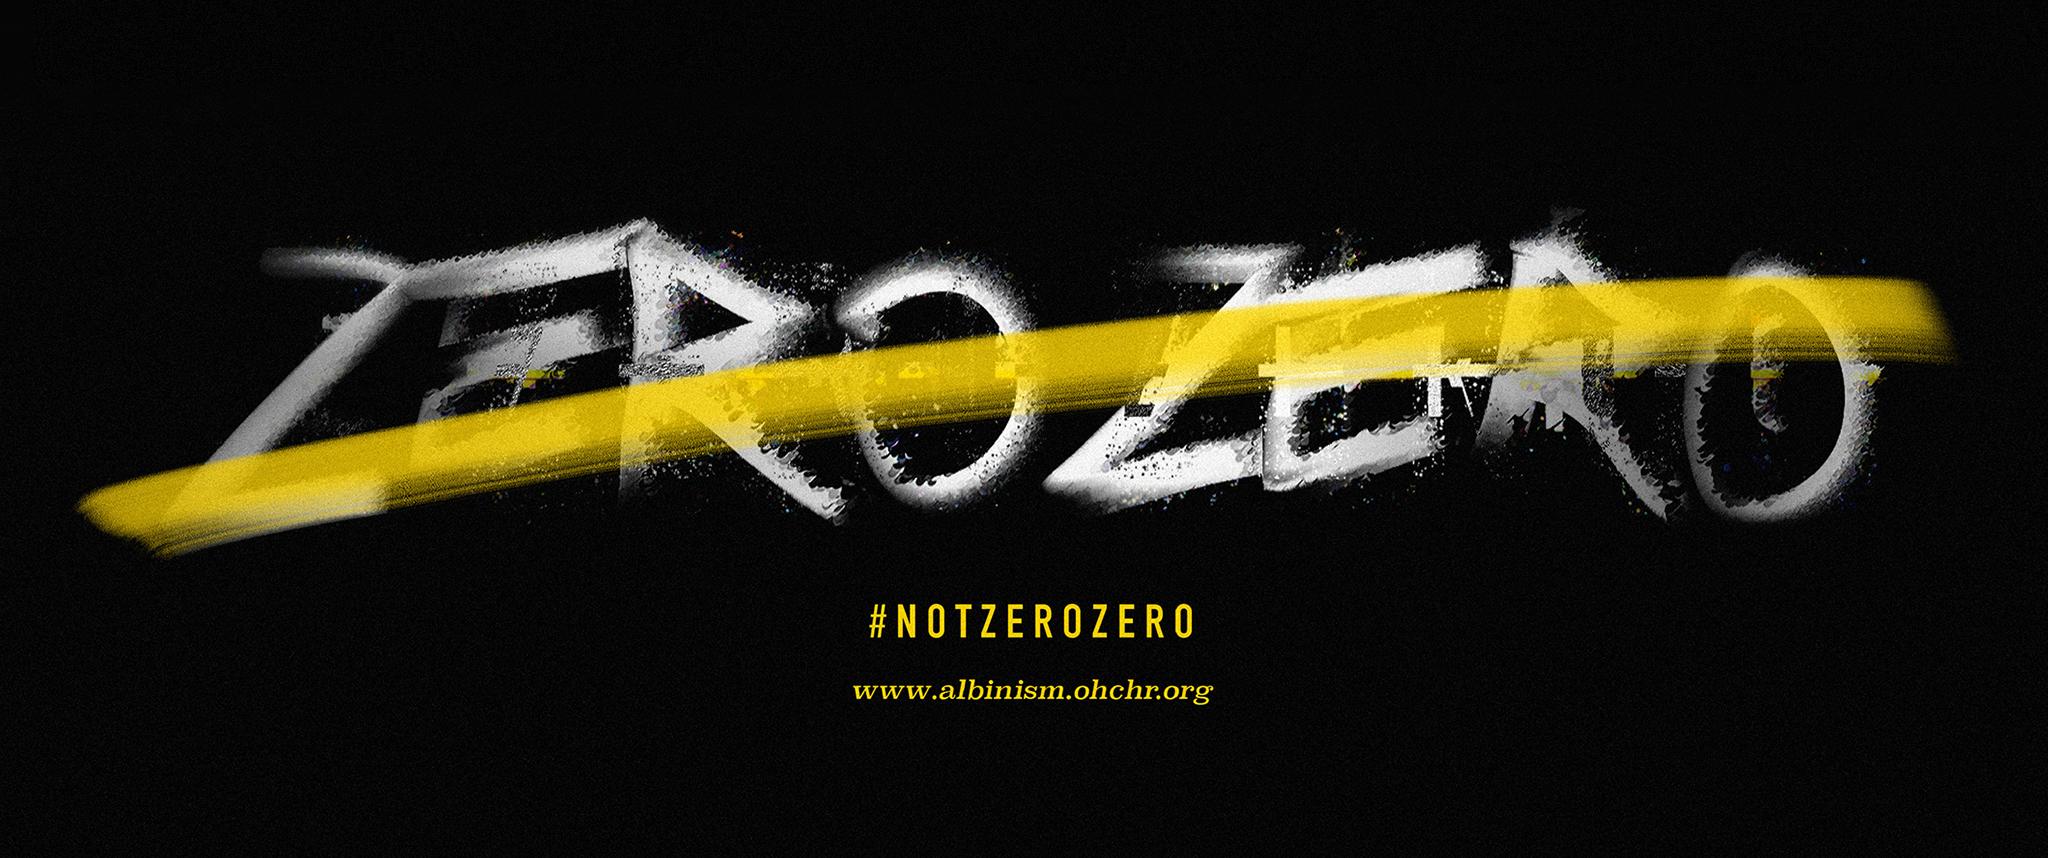 ZeroZero